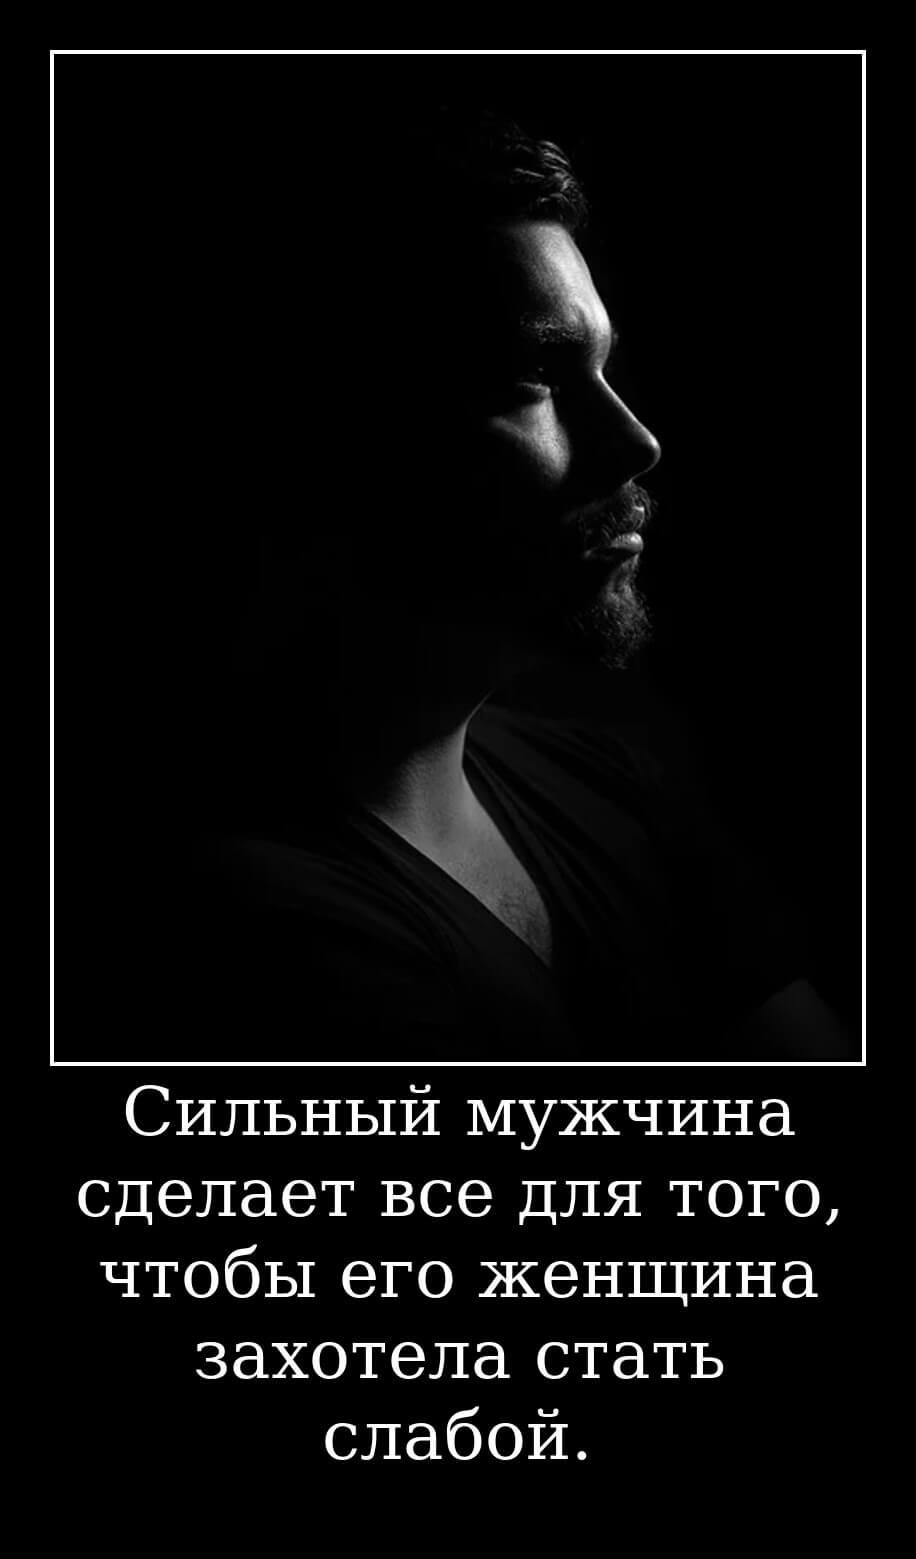 Сильный мужчина сделает все для того, чтобы его женщина захотела стать слабой.